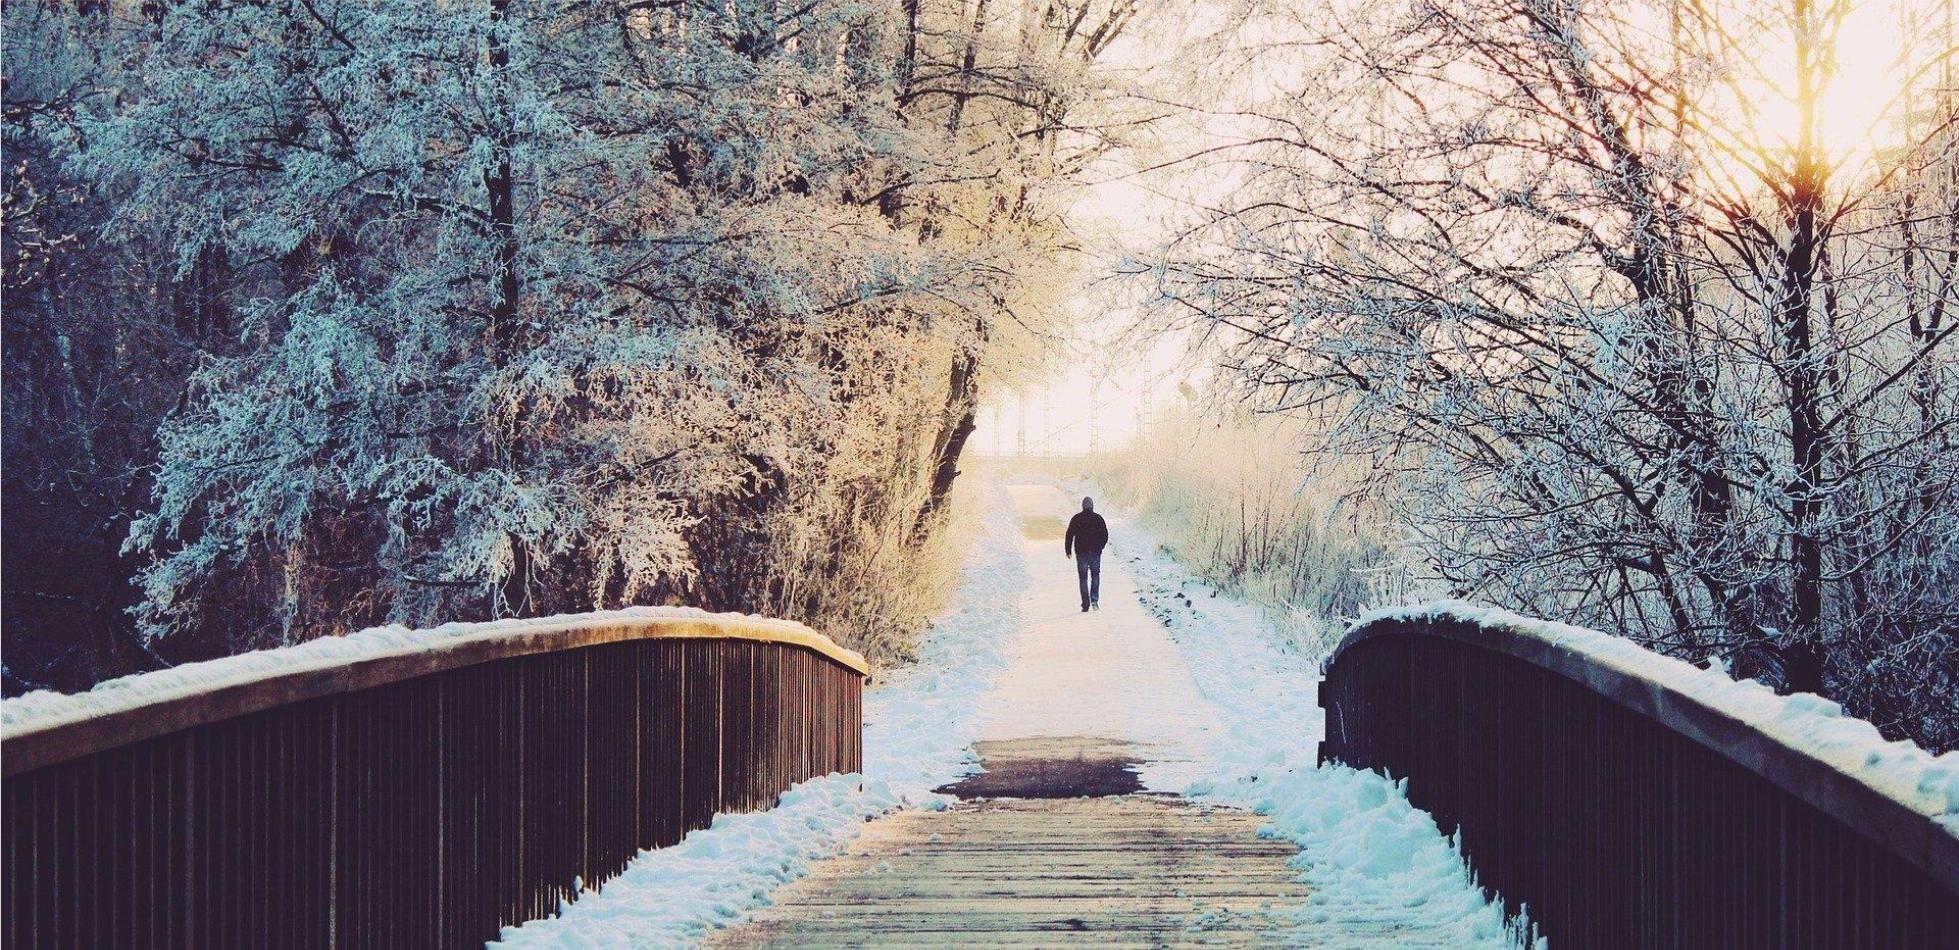 Nadchodzą kolejne opady śniegu - wstępna prognoza